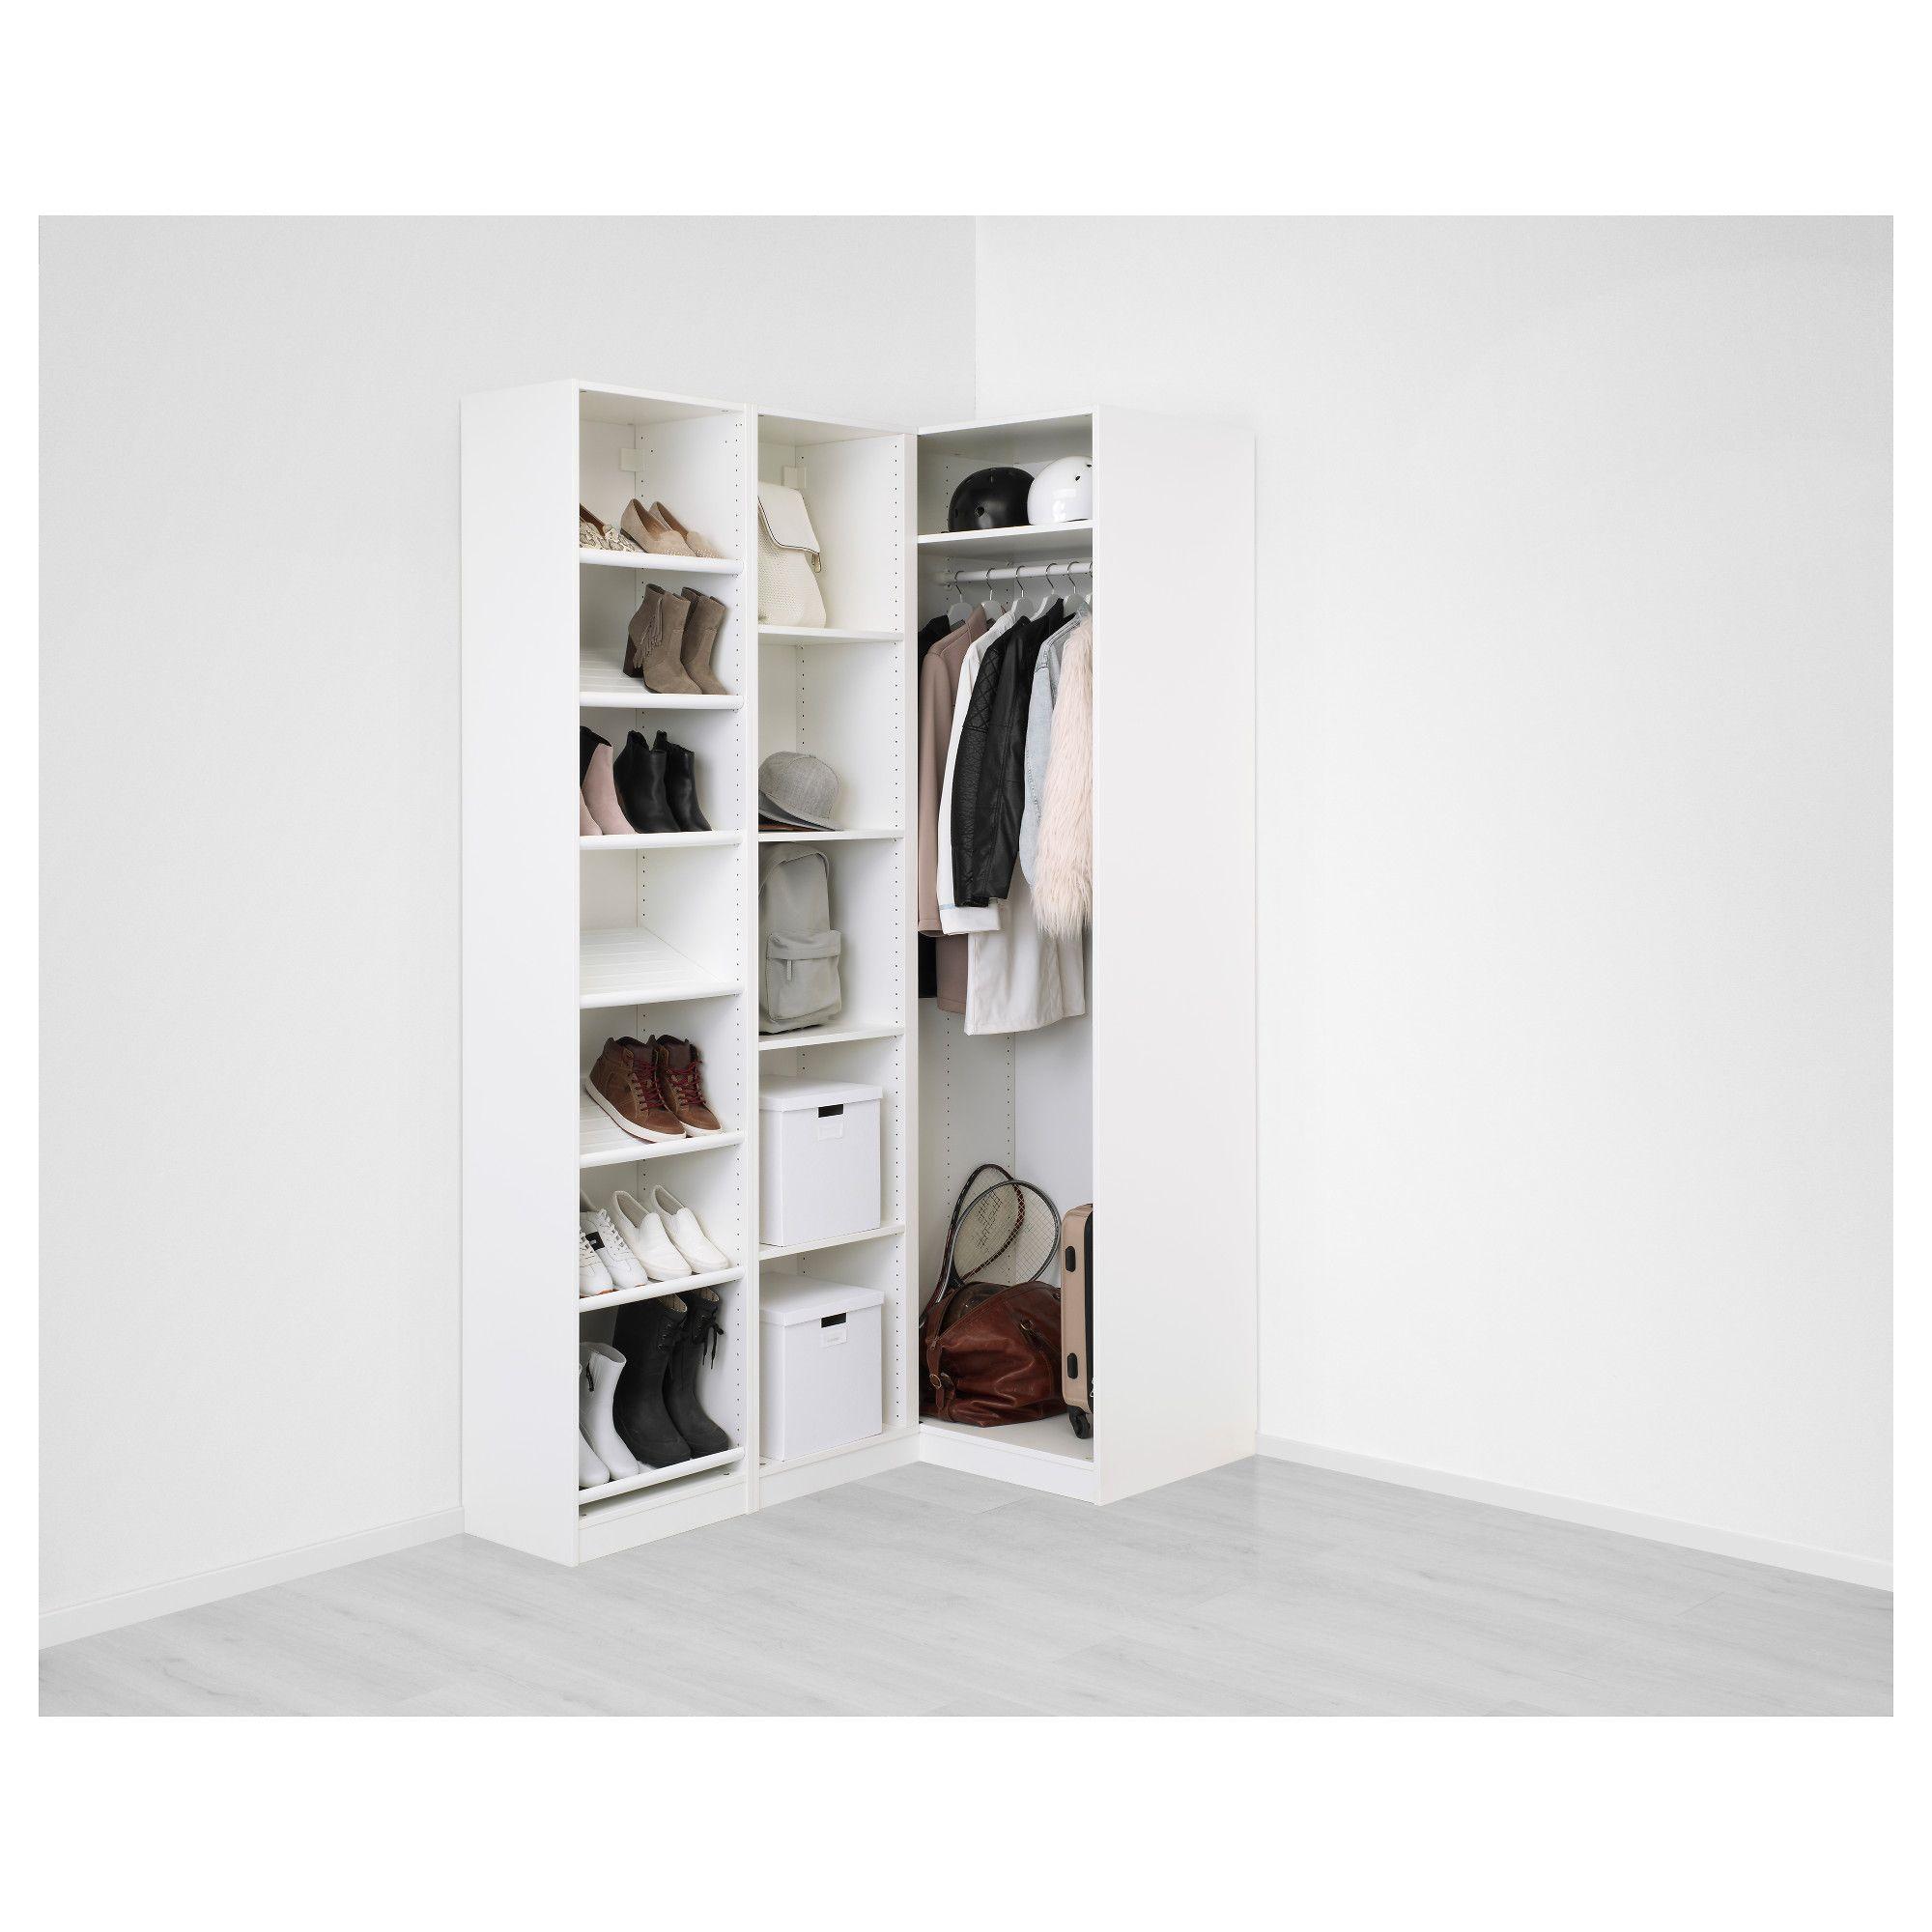 Full Size of Eckschrank Ikea Paeckkleiderschrank Wei Modulküche Bad Betten Bei Küche Kosten Miniküche 160x200 Sofa Mit Schlaffunktion Kaufen Schlafzimmer Wohnzimmer Eckschrank Ikea